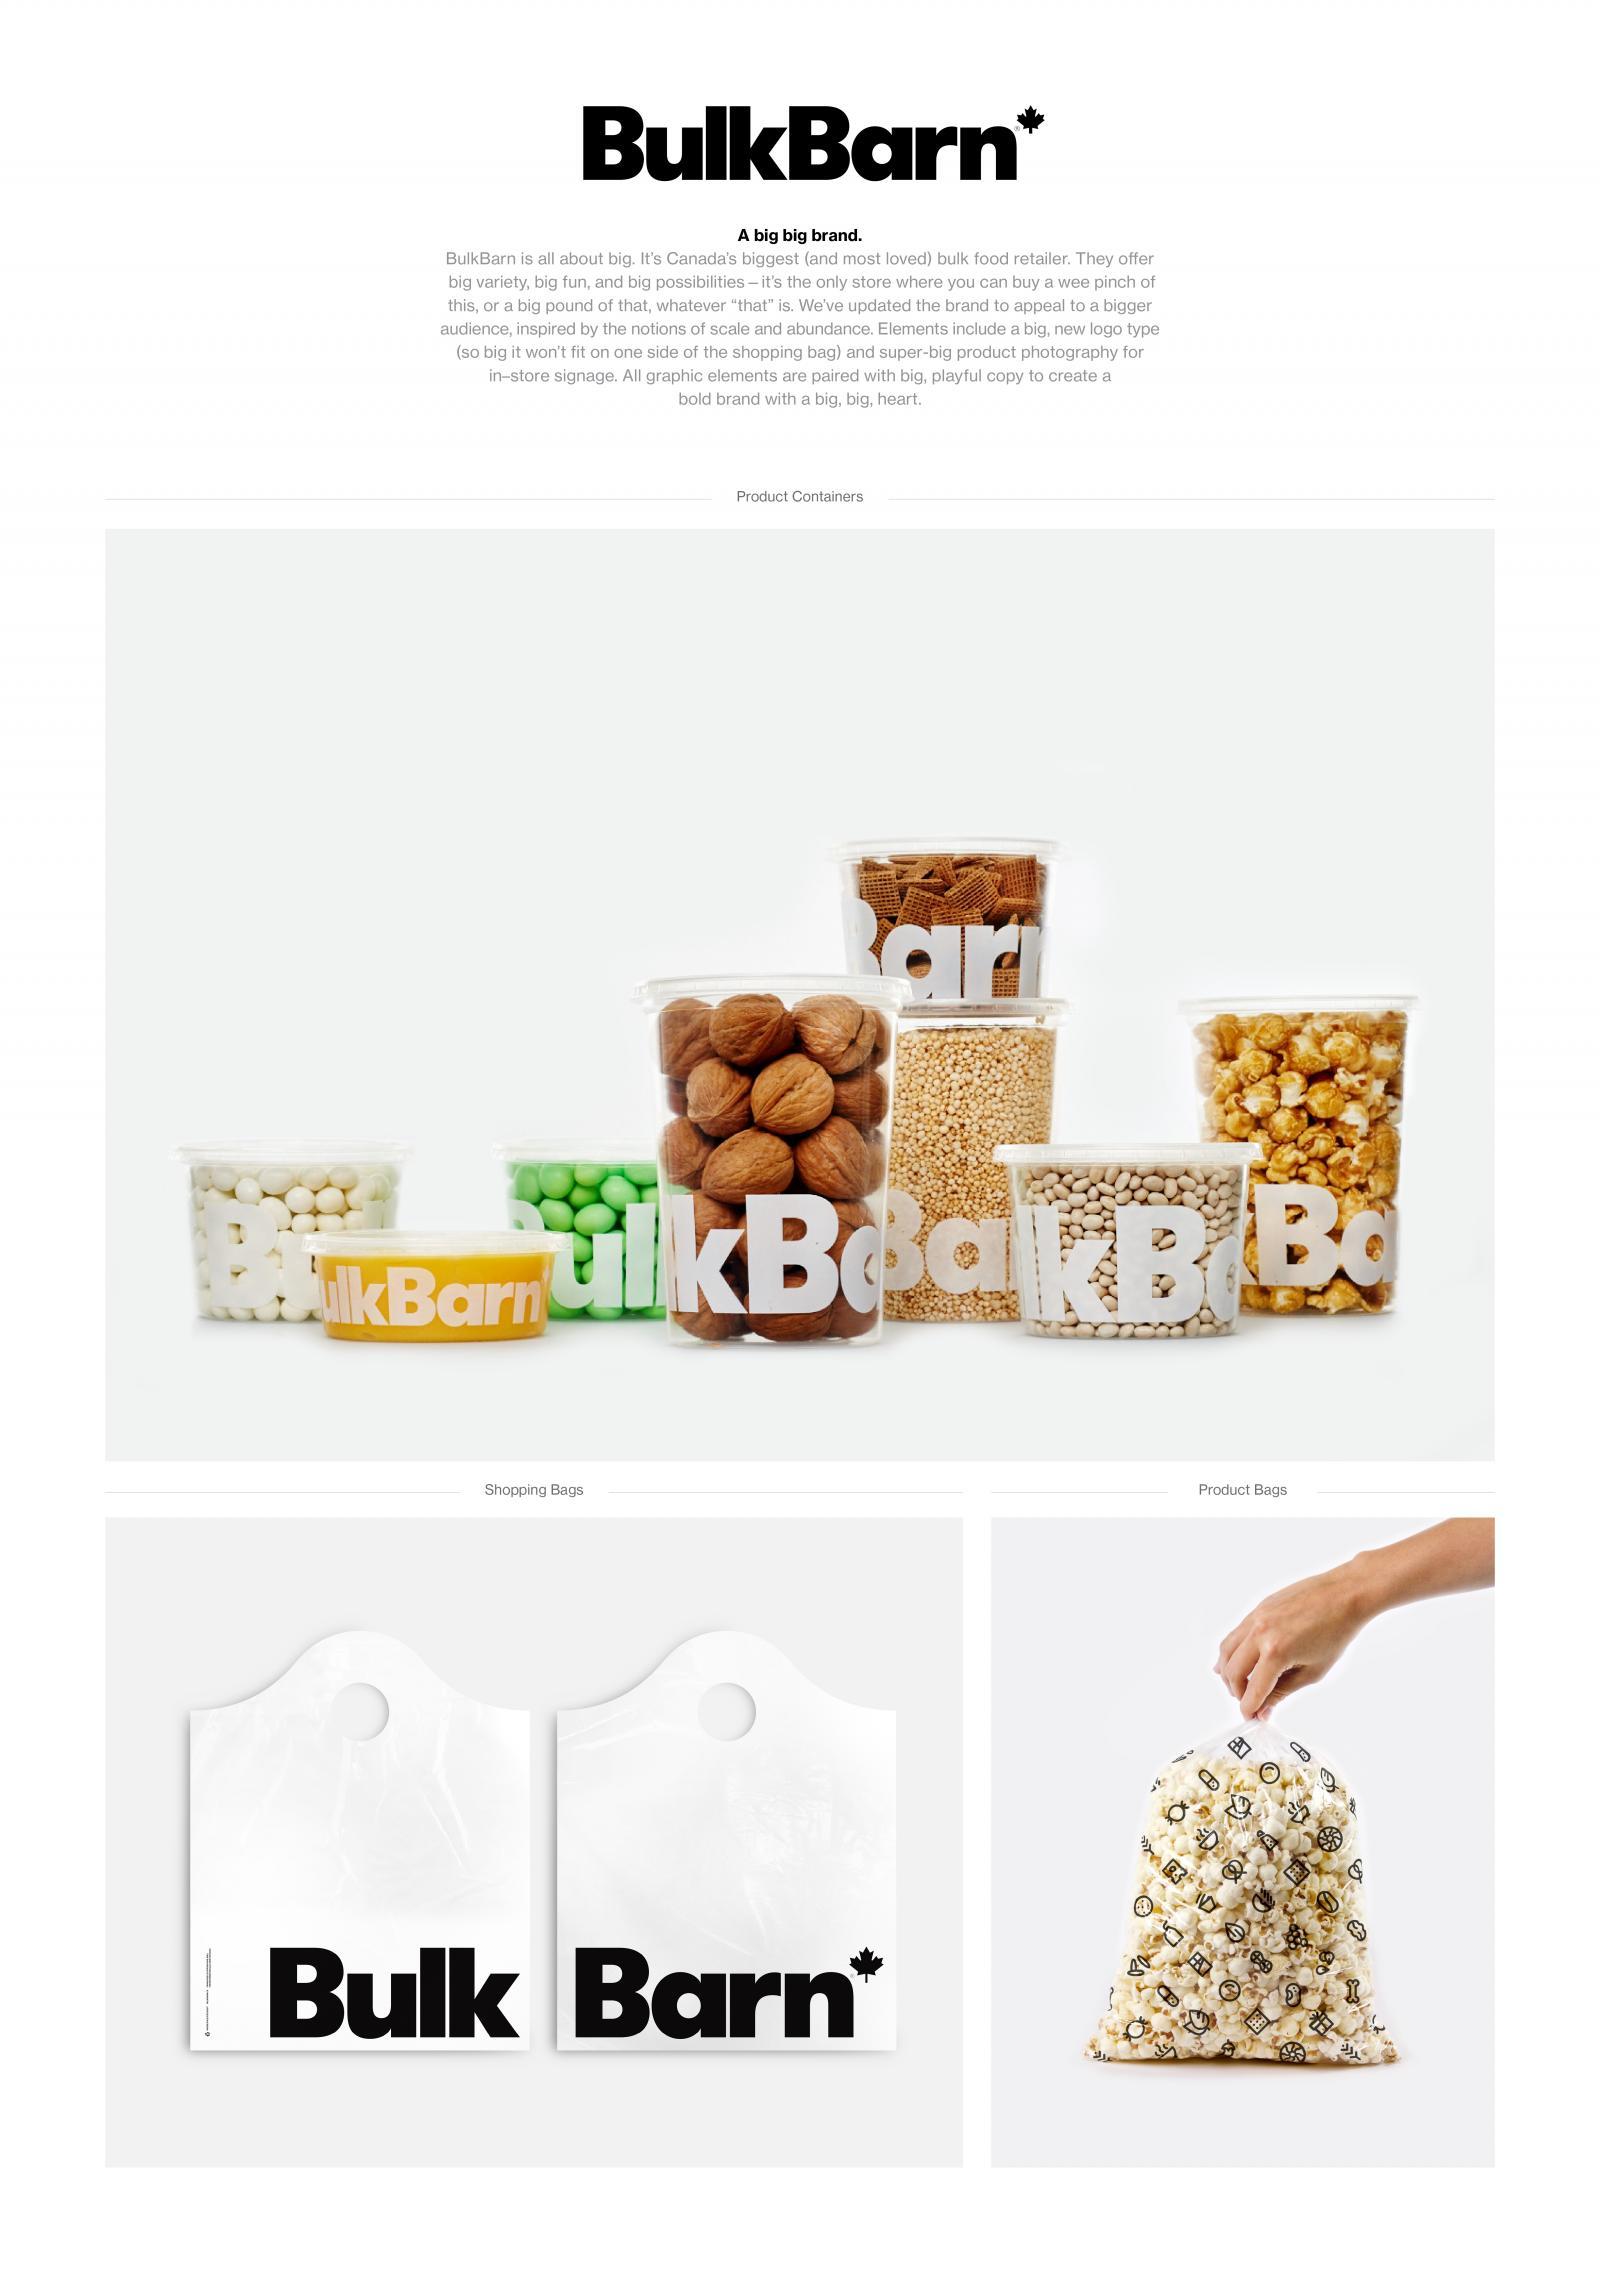 bulk-barn-bulk-barn-rebrand-1-1600-54201.jpg